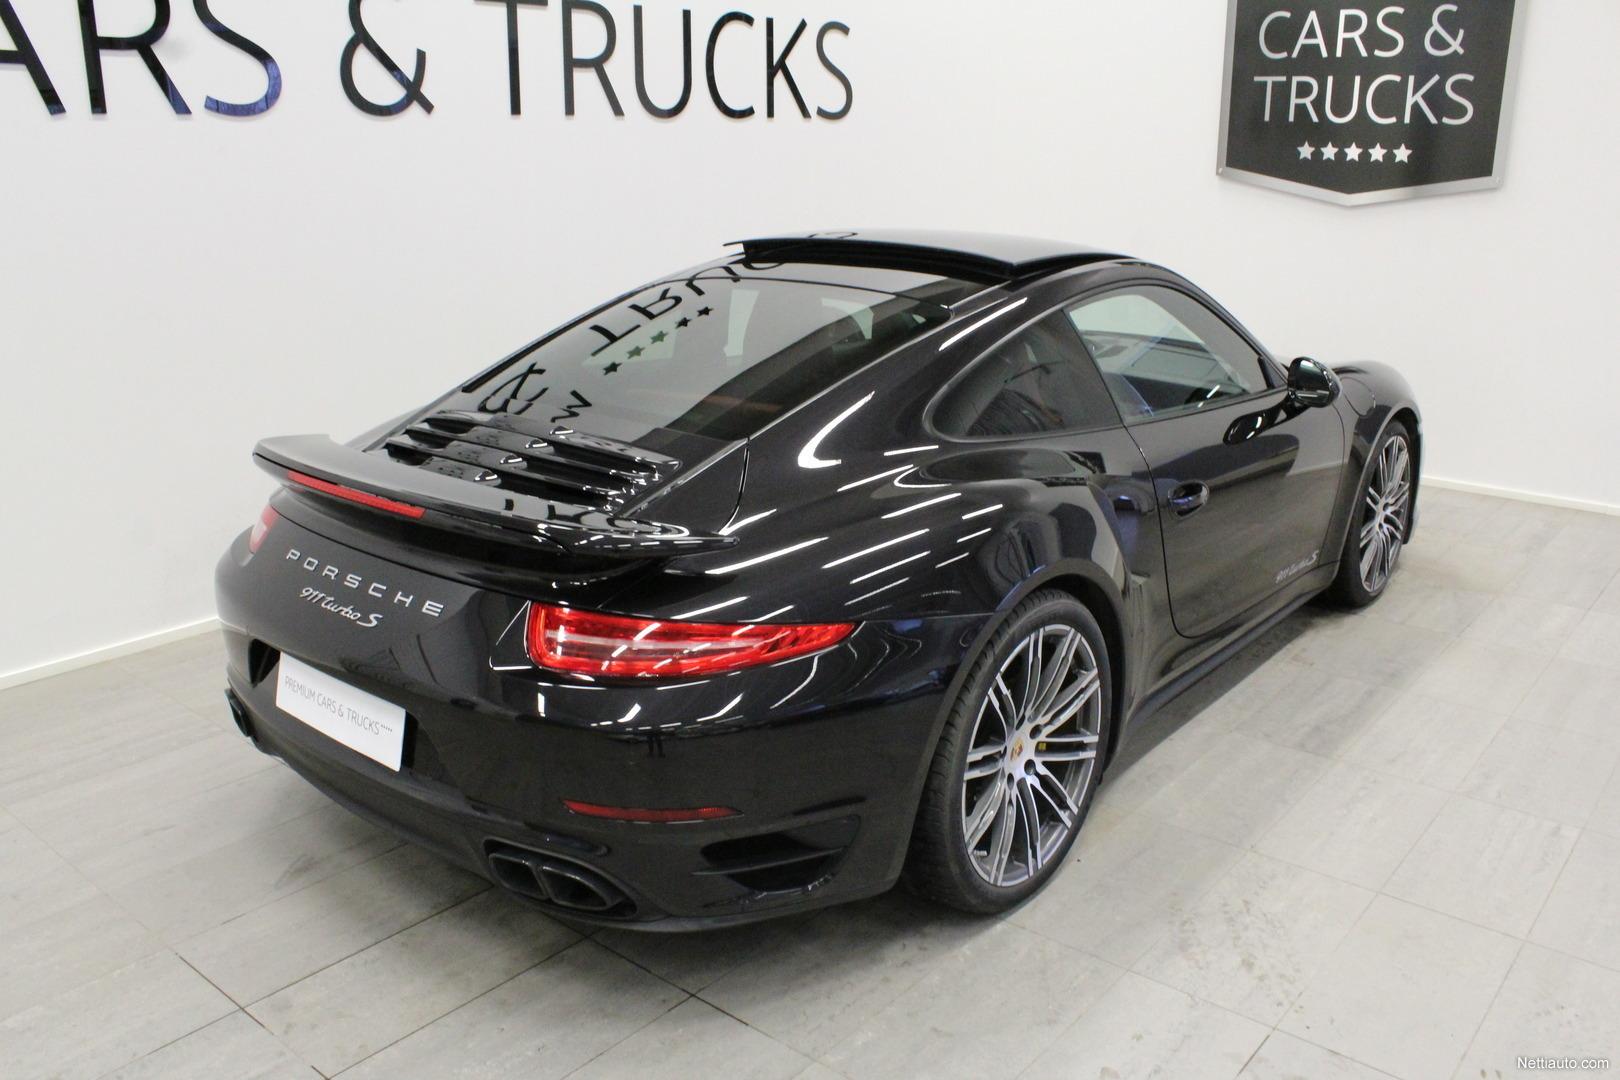 Porsche 911 911 TURBO S Coupé (AD) 2ov 3800cm3 A Coupé 2014 - Used on porsche boxster, porsche panamera, porsche cayenne, porsche carrera, porsche gt, porsche 9ff, porsche history, porsche vs corvette, porsche spyder, porsche girl, porsche gt4, porsche 2 seater, porsche models,